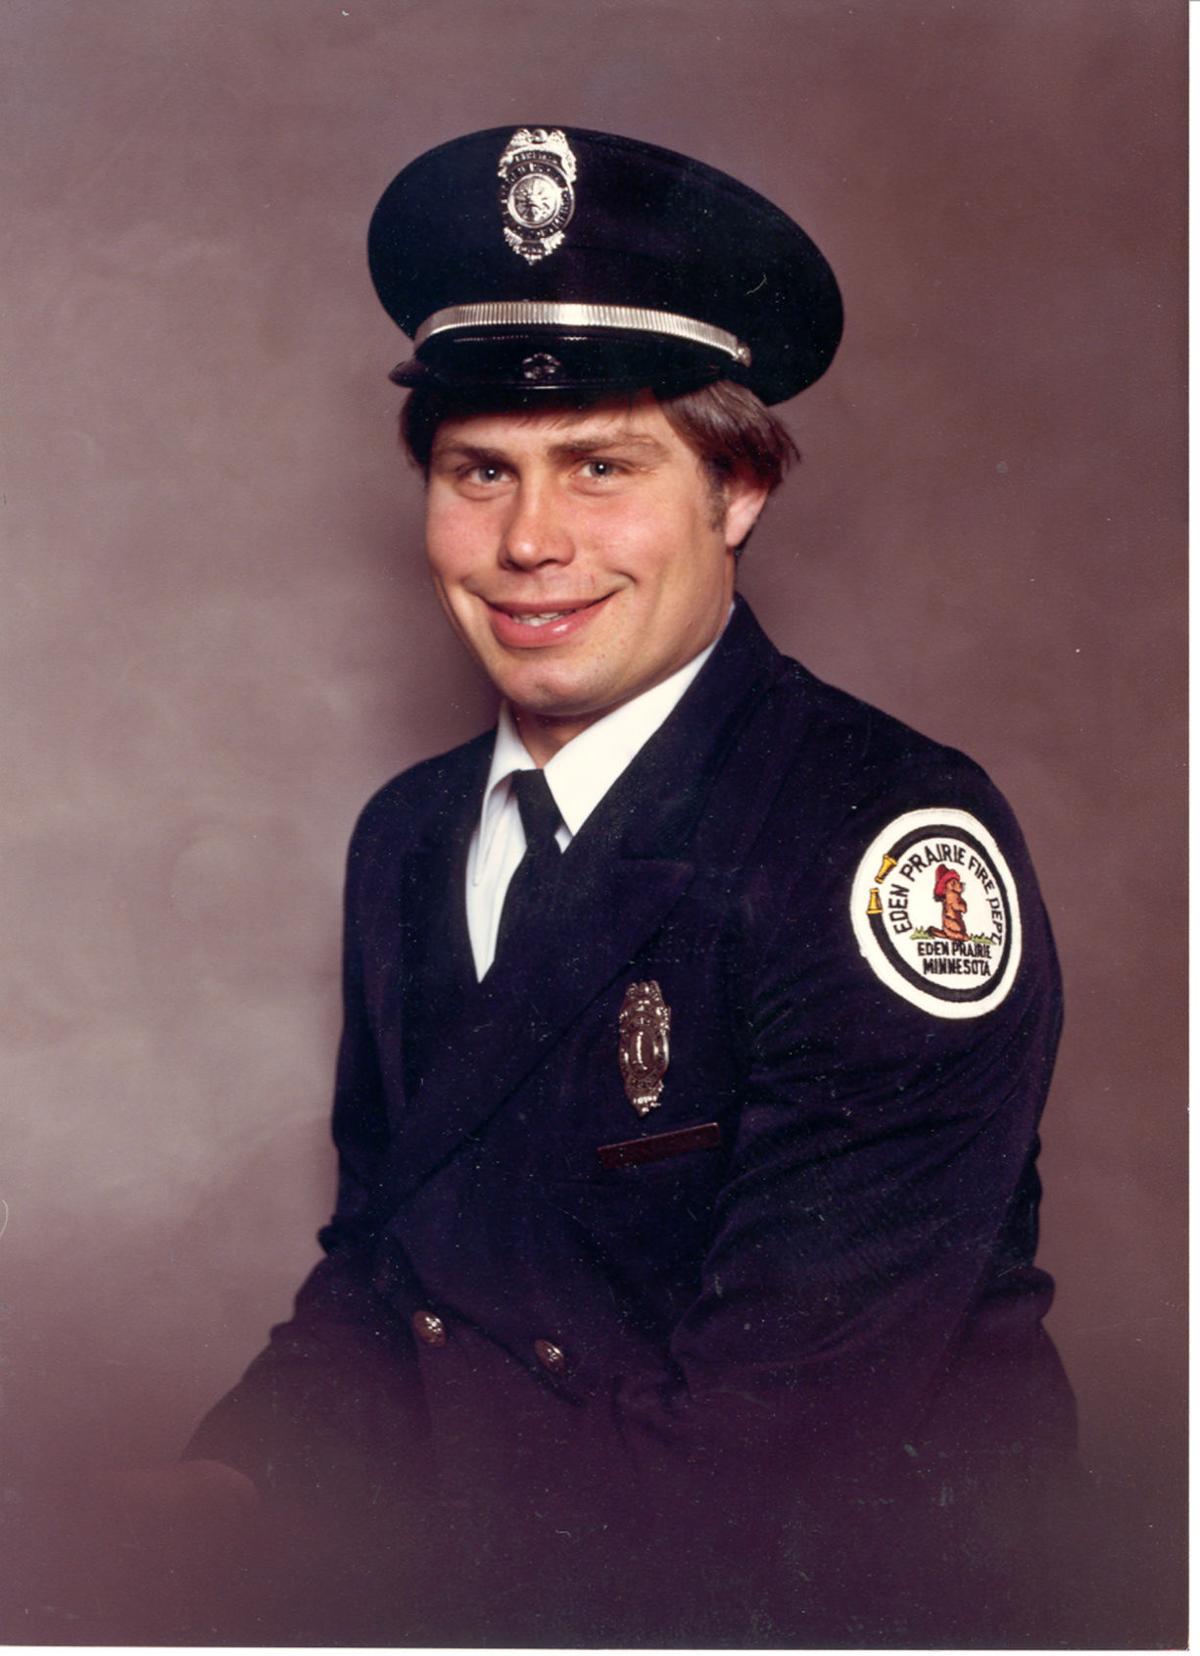 Chuck Schaitberger early firefighter days